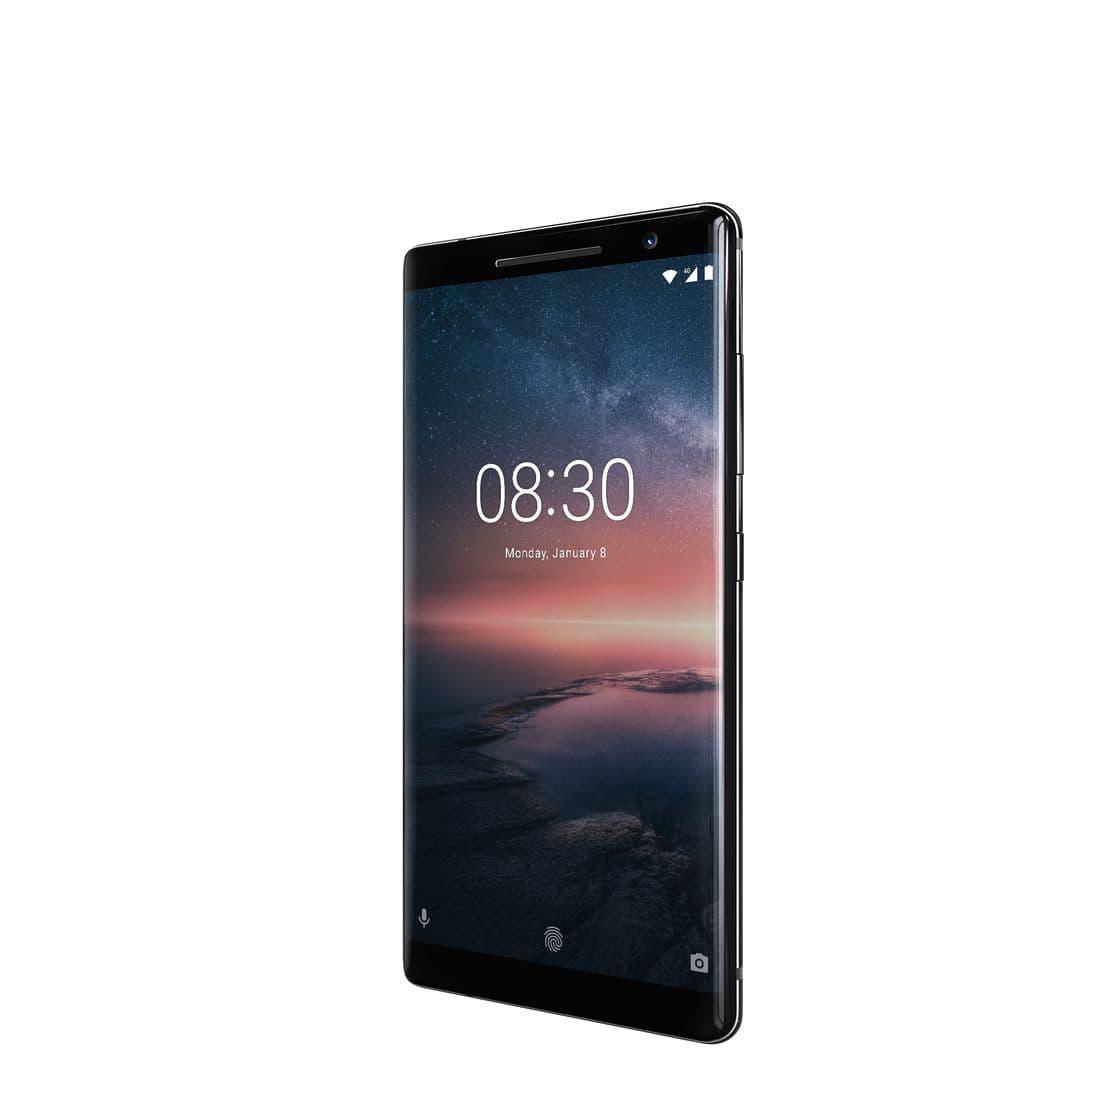 Nokia 8 Sirocco купить смартфон, сравнить цены в магазинах